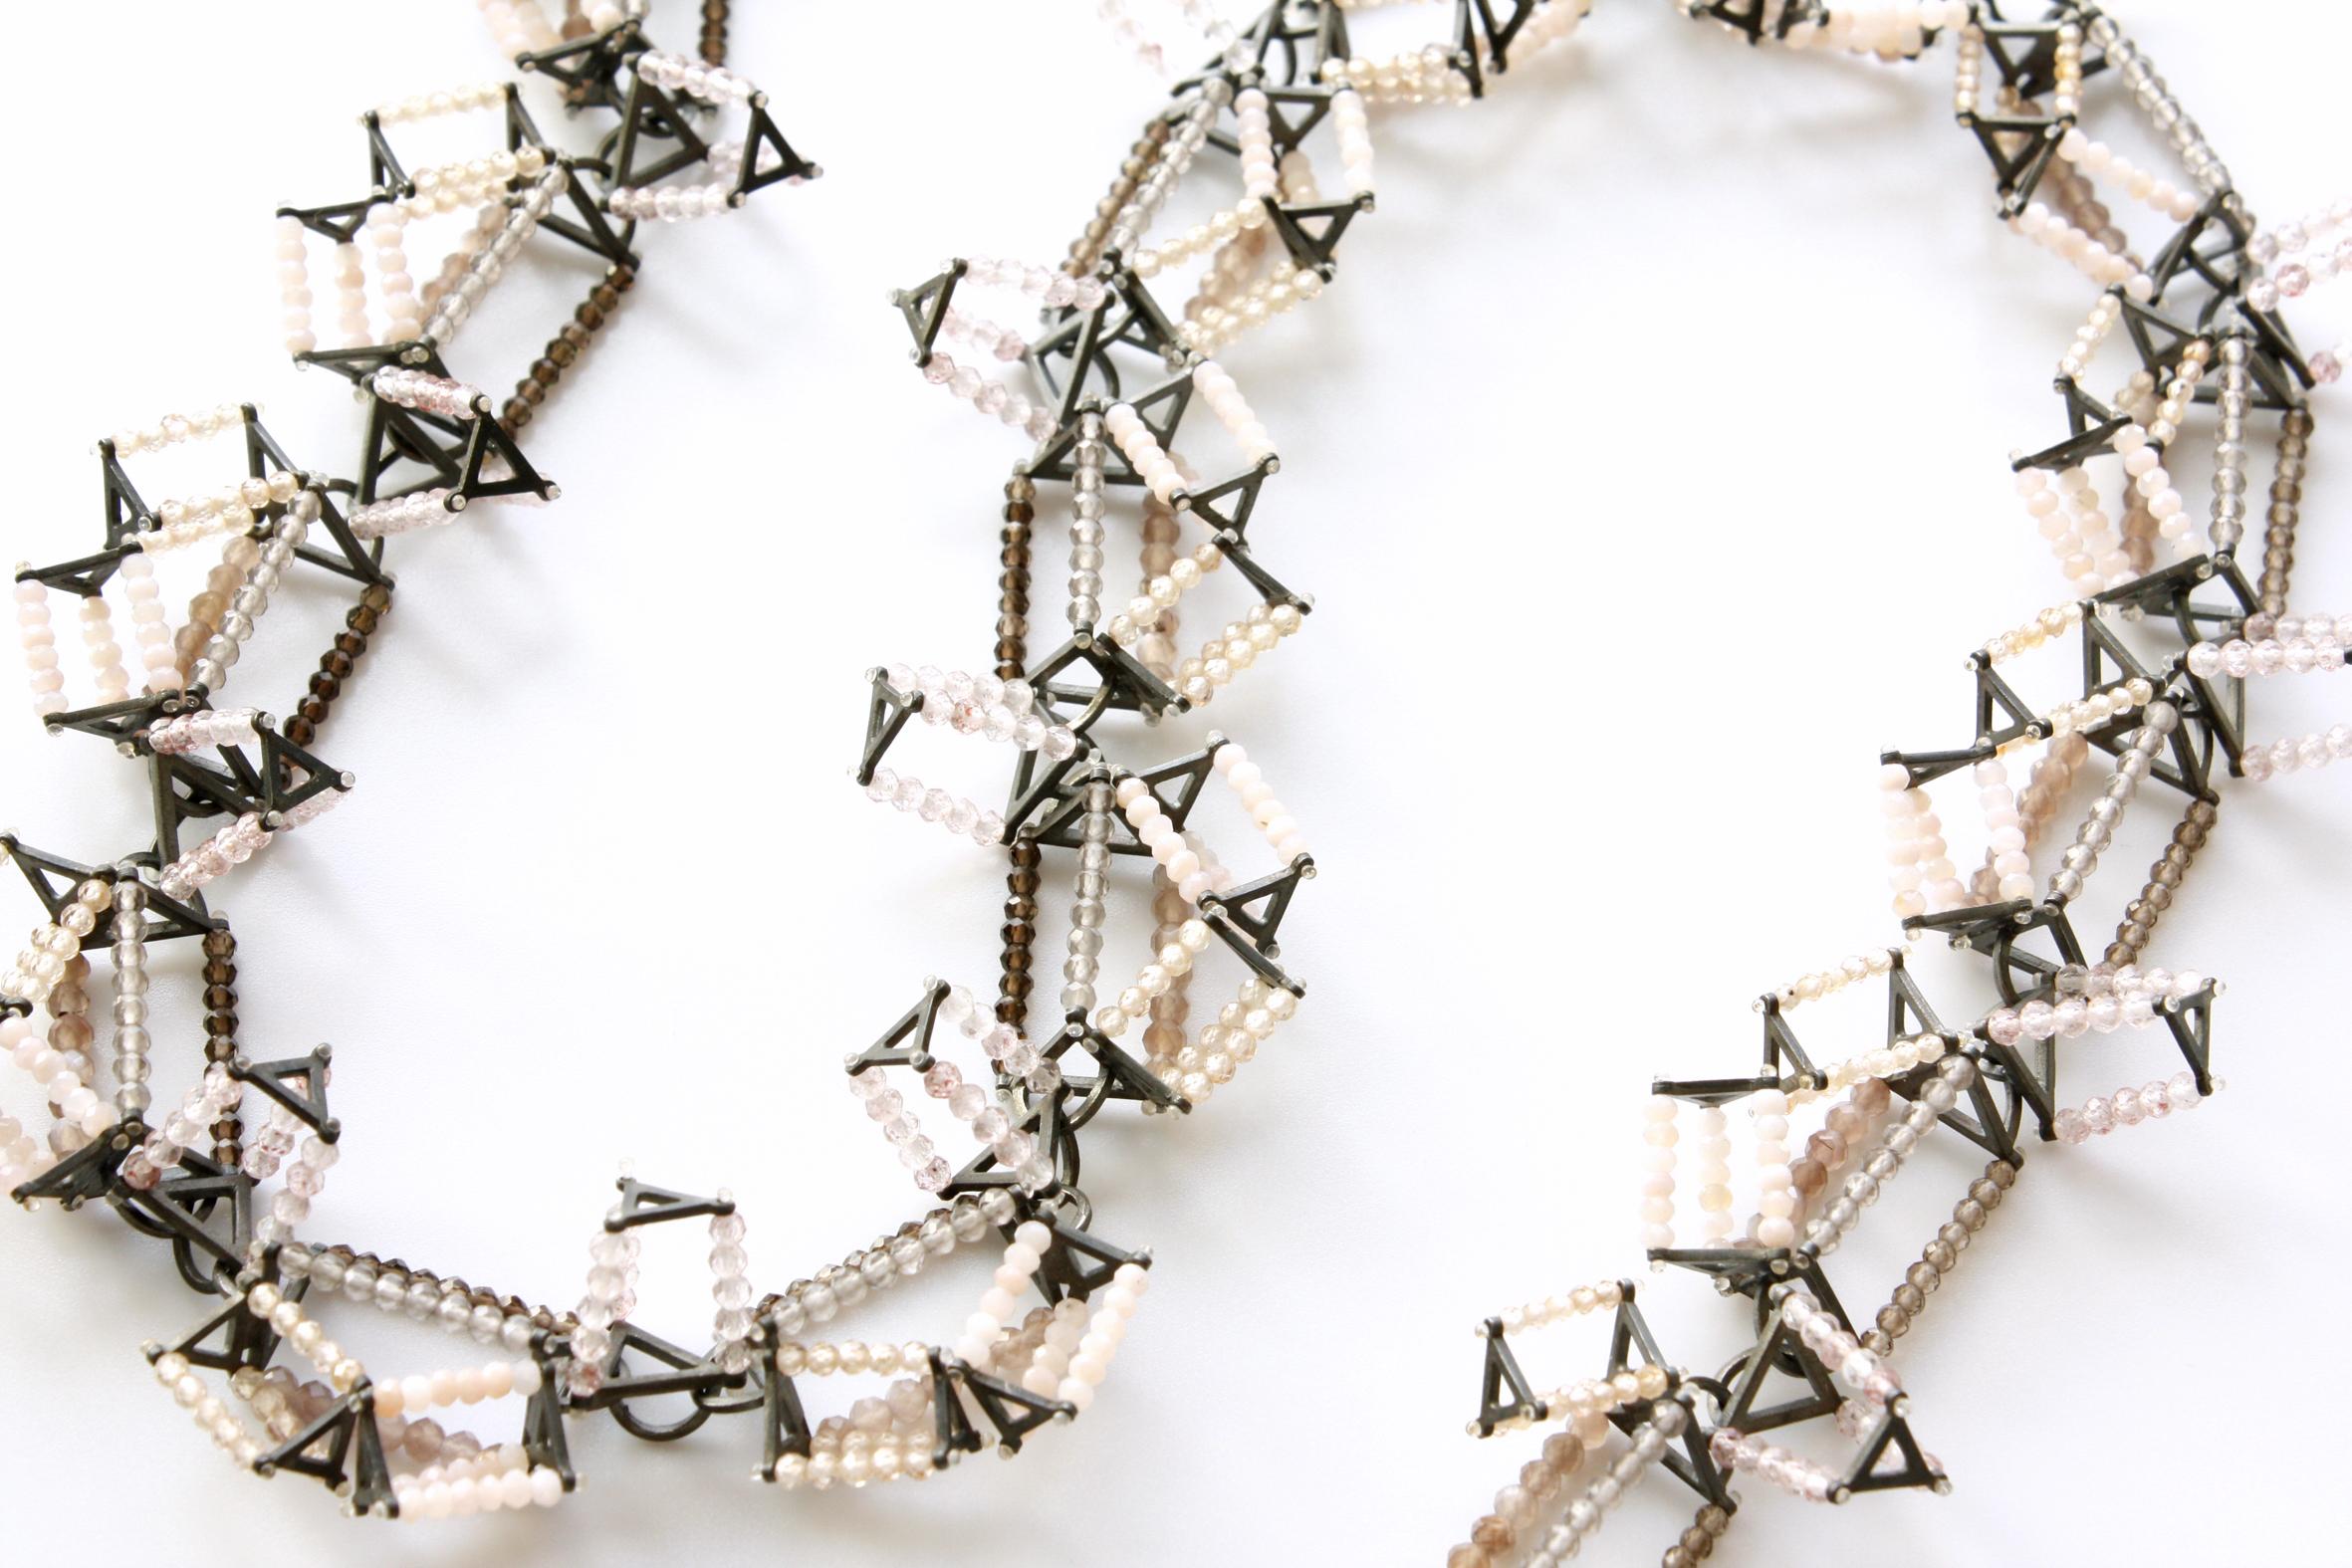 Alexandra Bahlmann, Pseudo Crystals, halssieraad, 2015, geoxideerd zilver, zirconia, maansteen, rookkwarts, rozekwarts